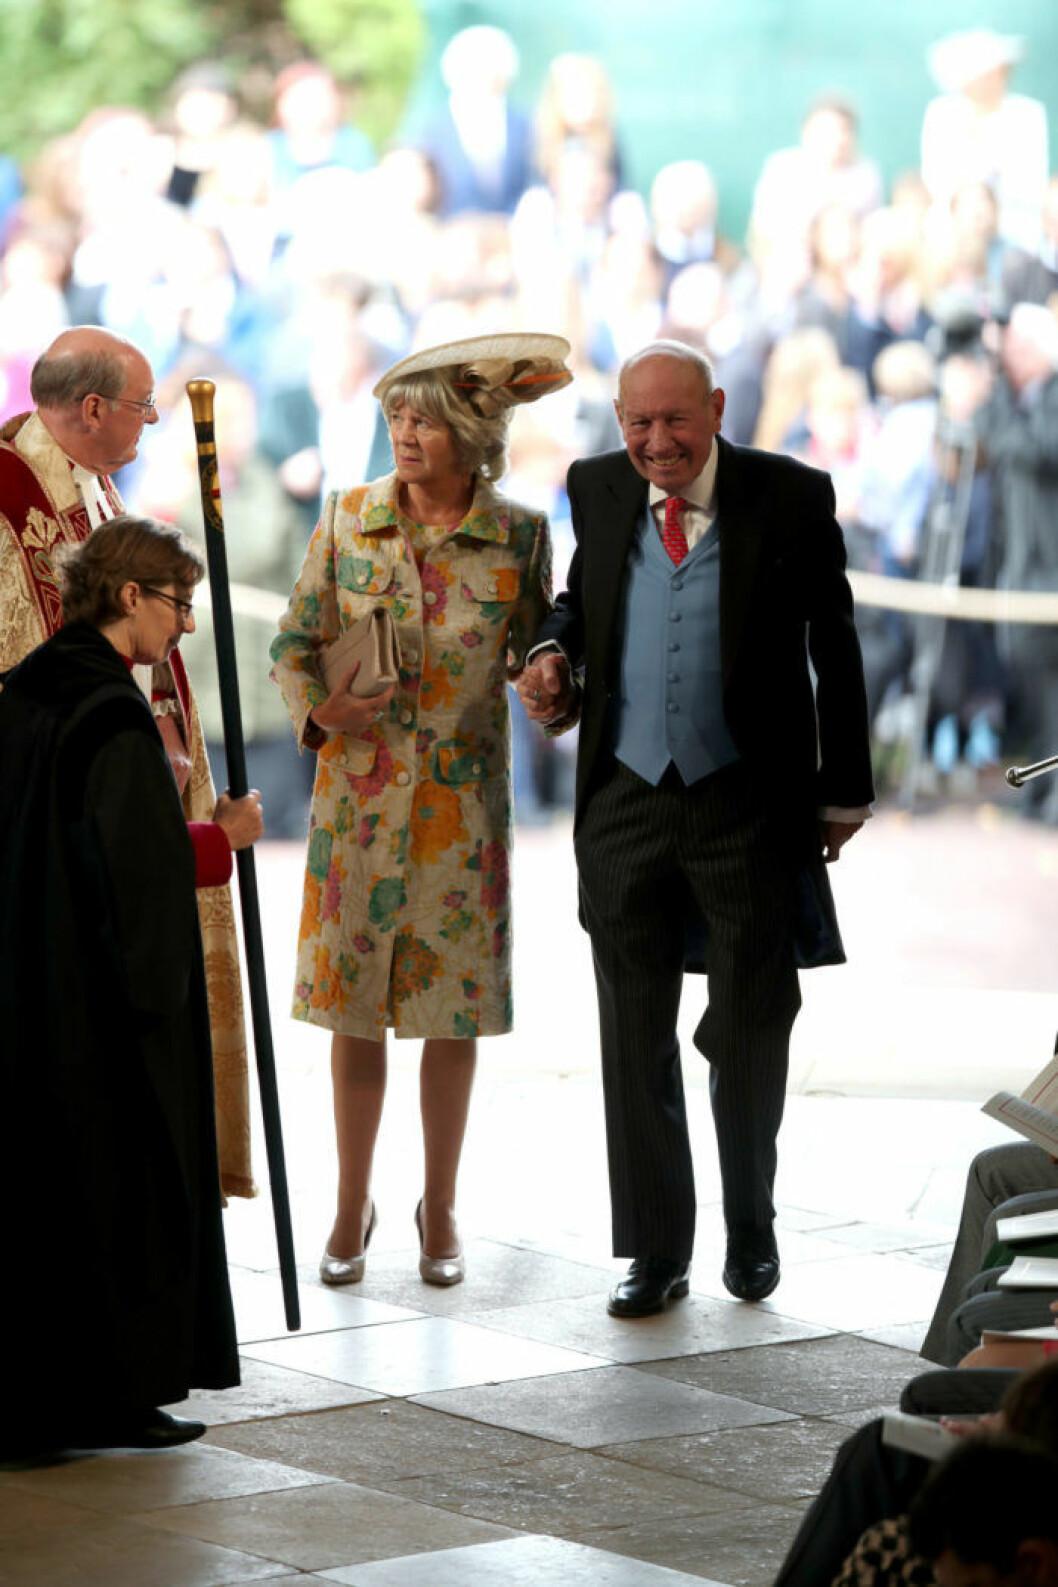 Jack Brooksbanks mamma och pappa, Nicola och George Brooksbank anlände till kyrkan hand i hand.